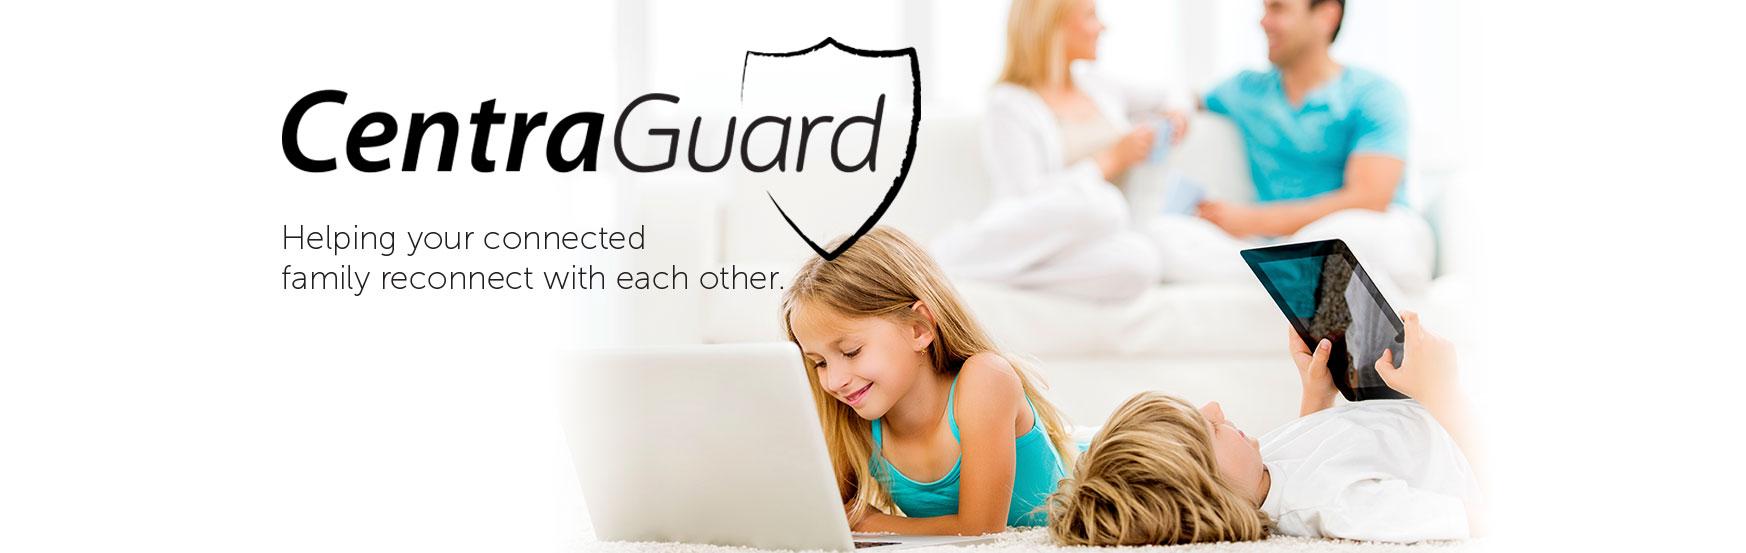 CentraGuard Internet Control